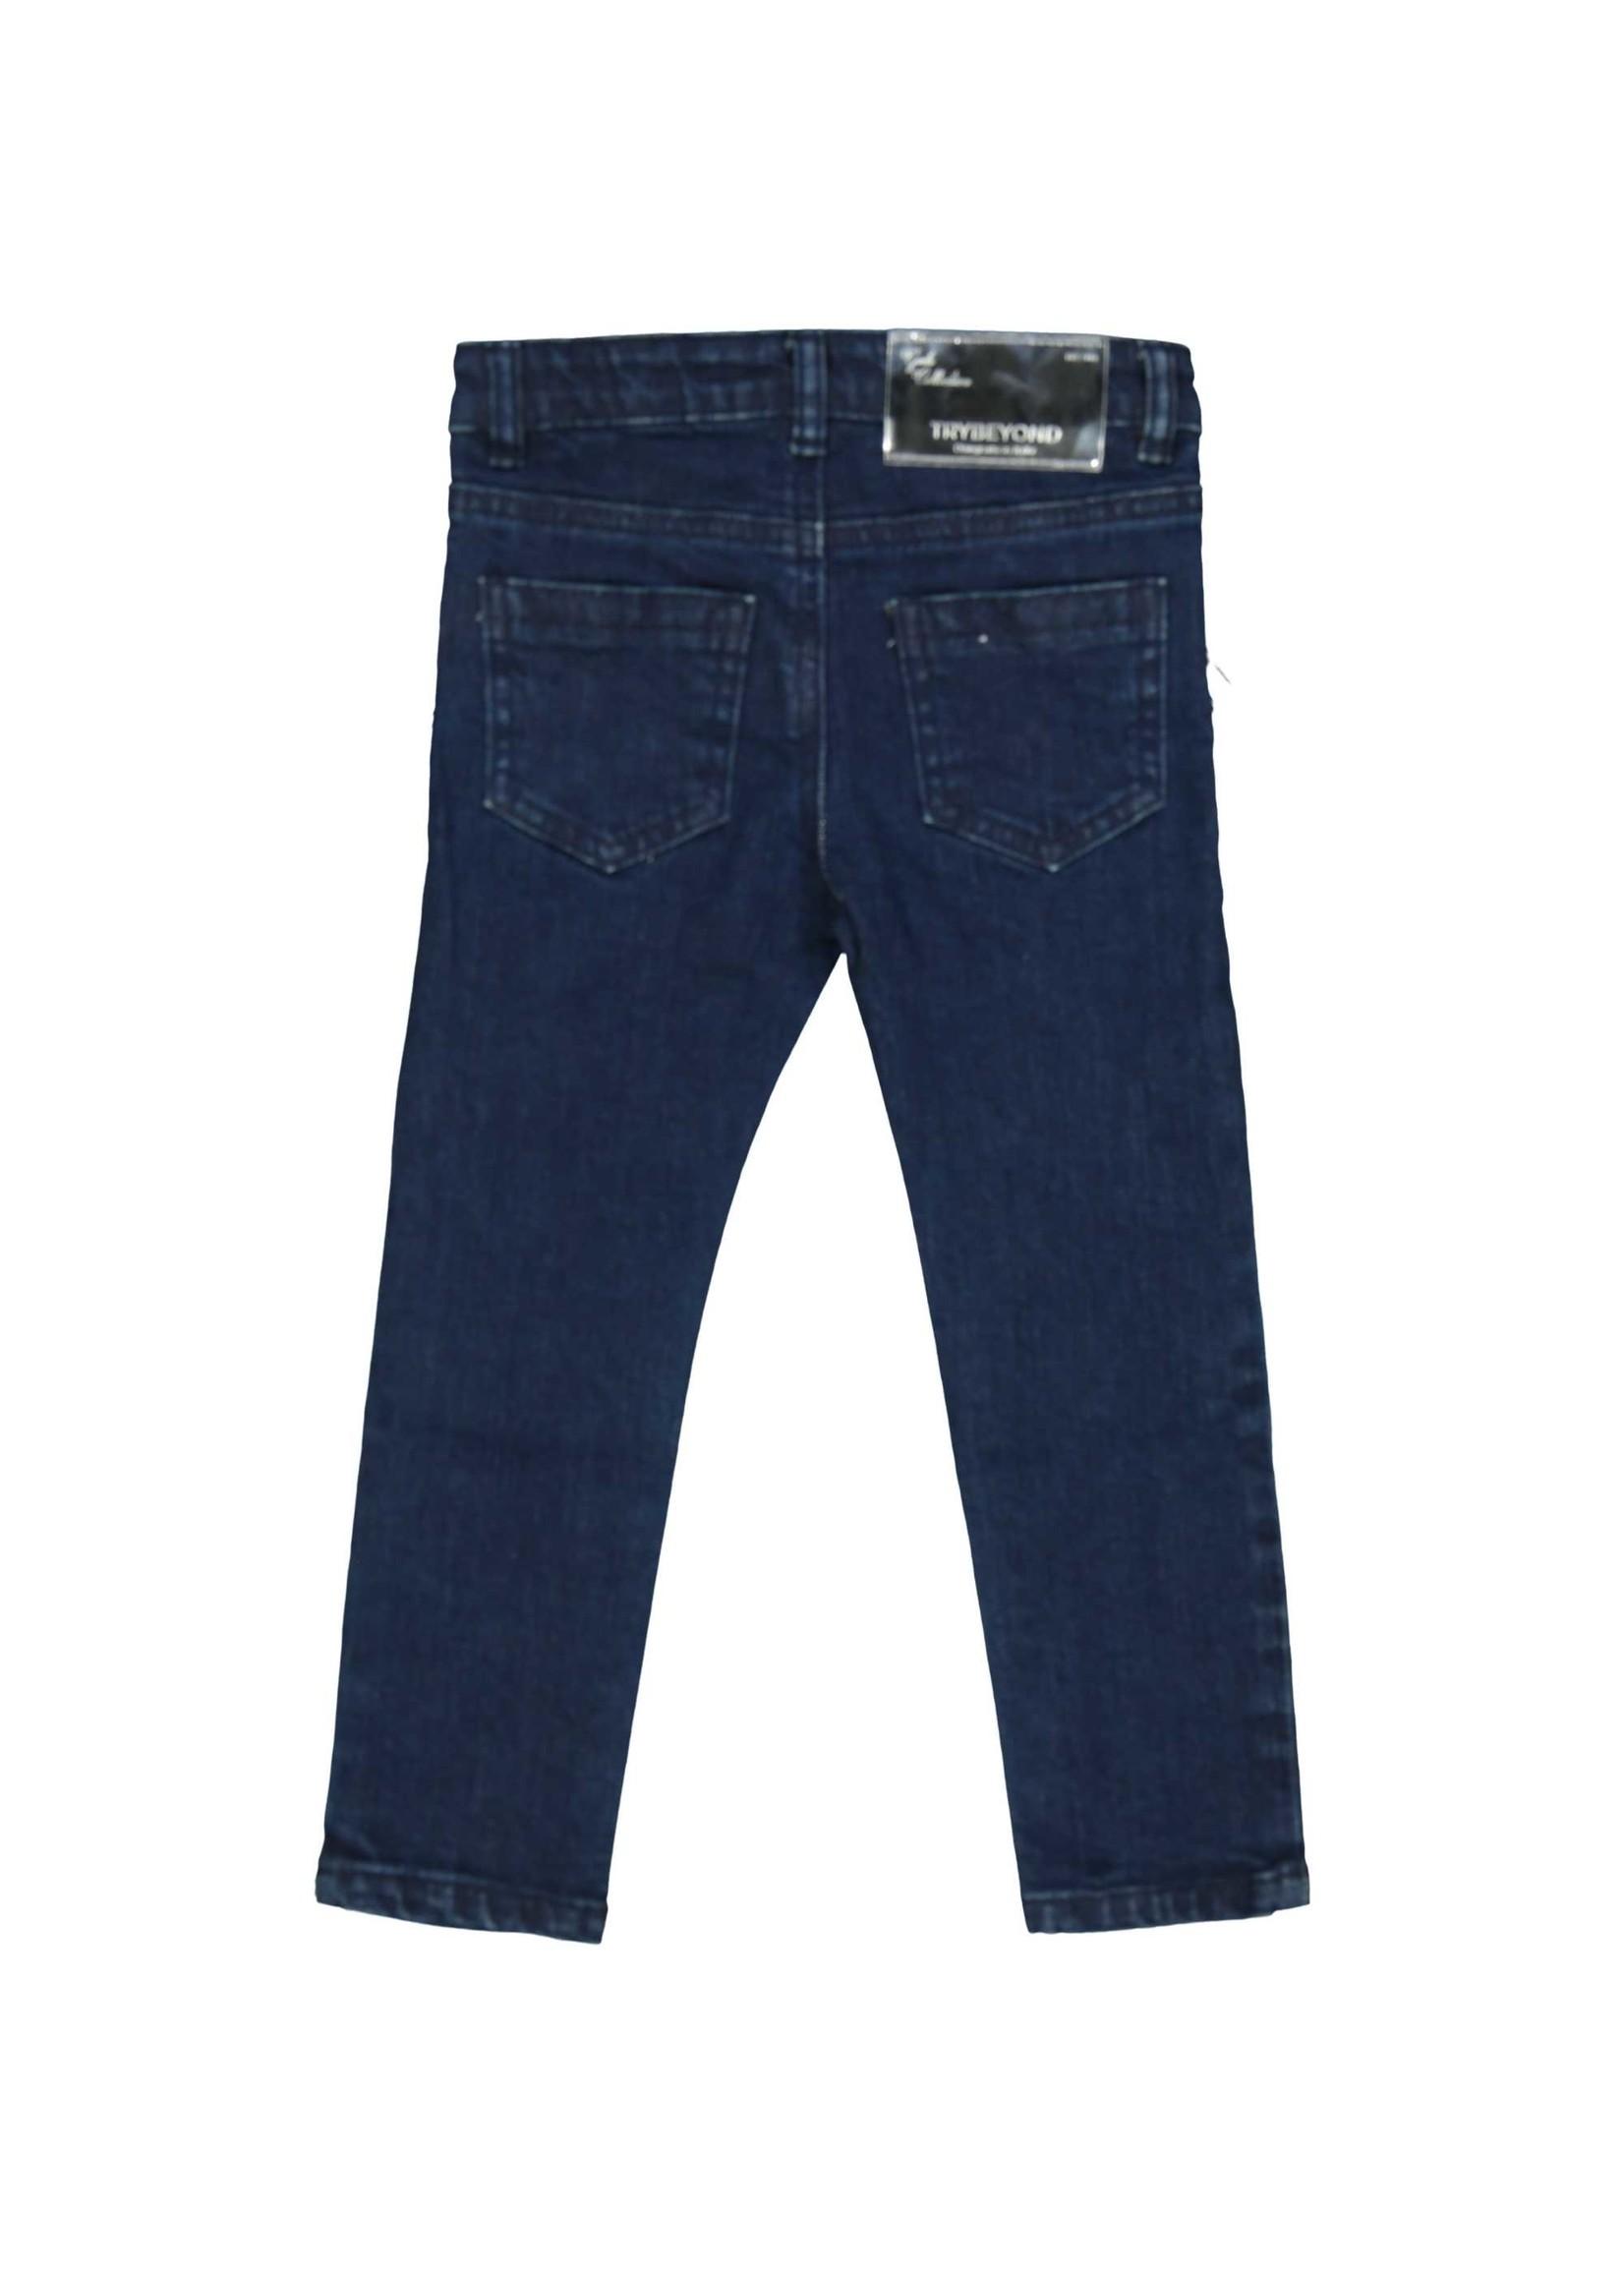 TRYBEYOND TRYBEYOND Jeans details zakken